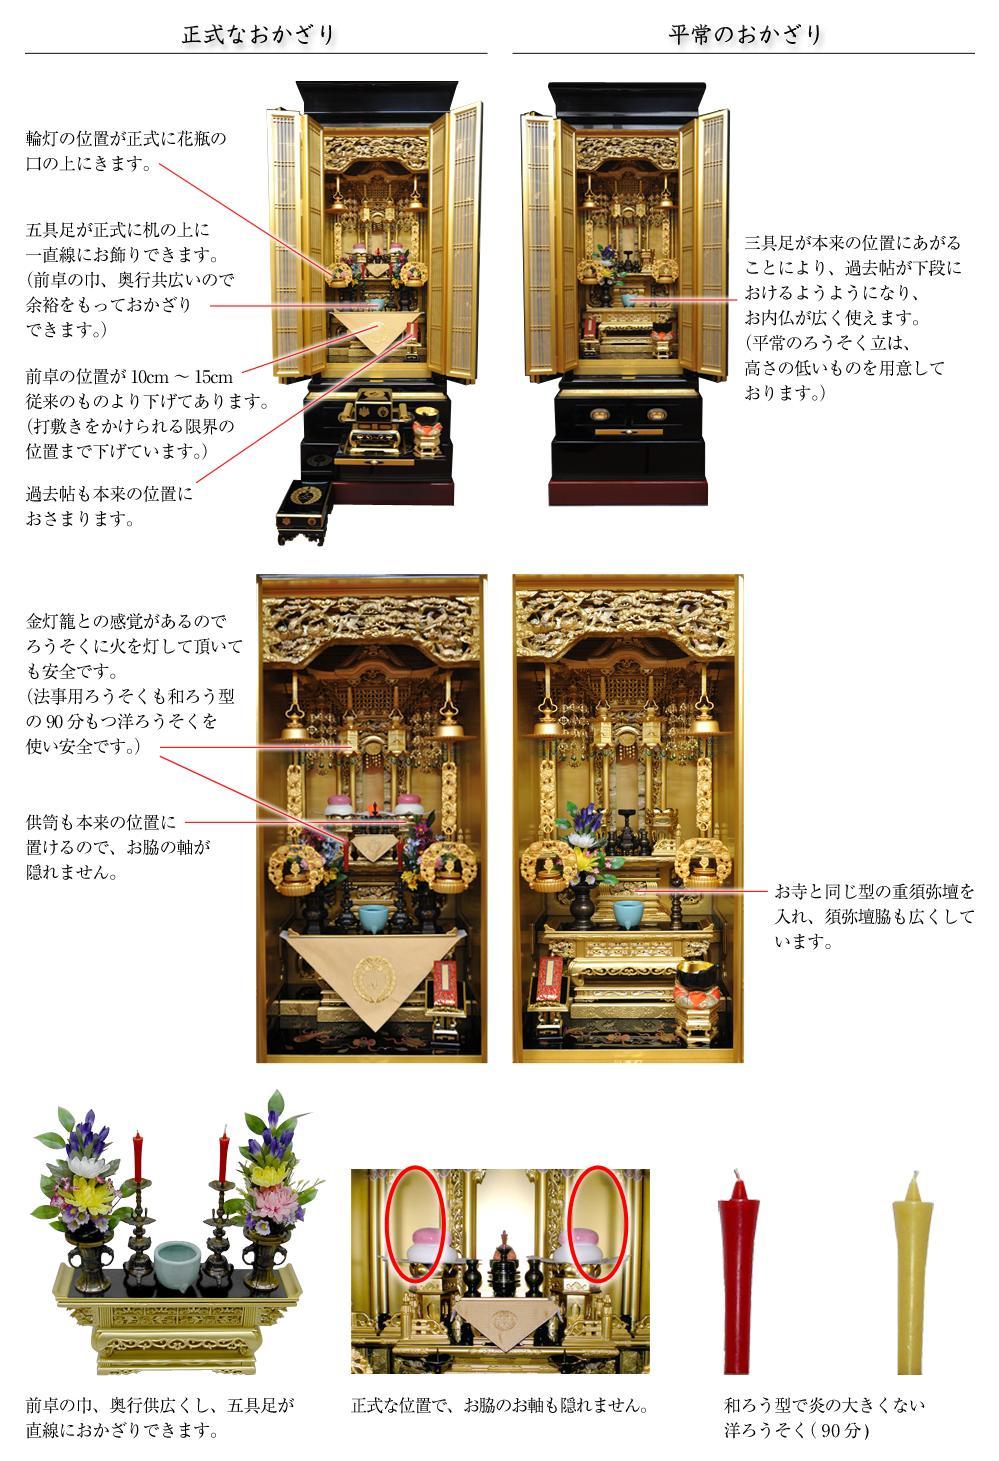 正式なお飾りと平常のお飾りについて 浄土真宗本願寺派(西本願寺)